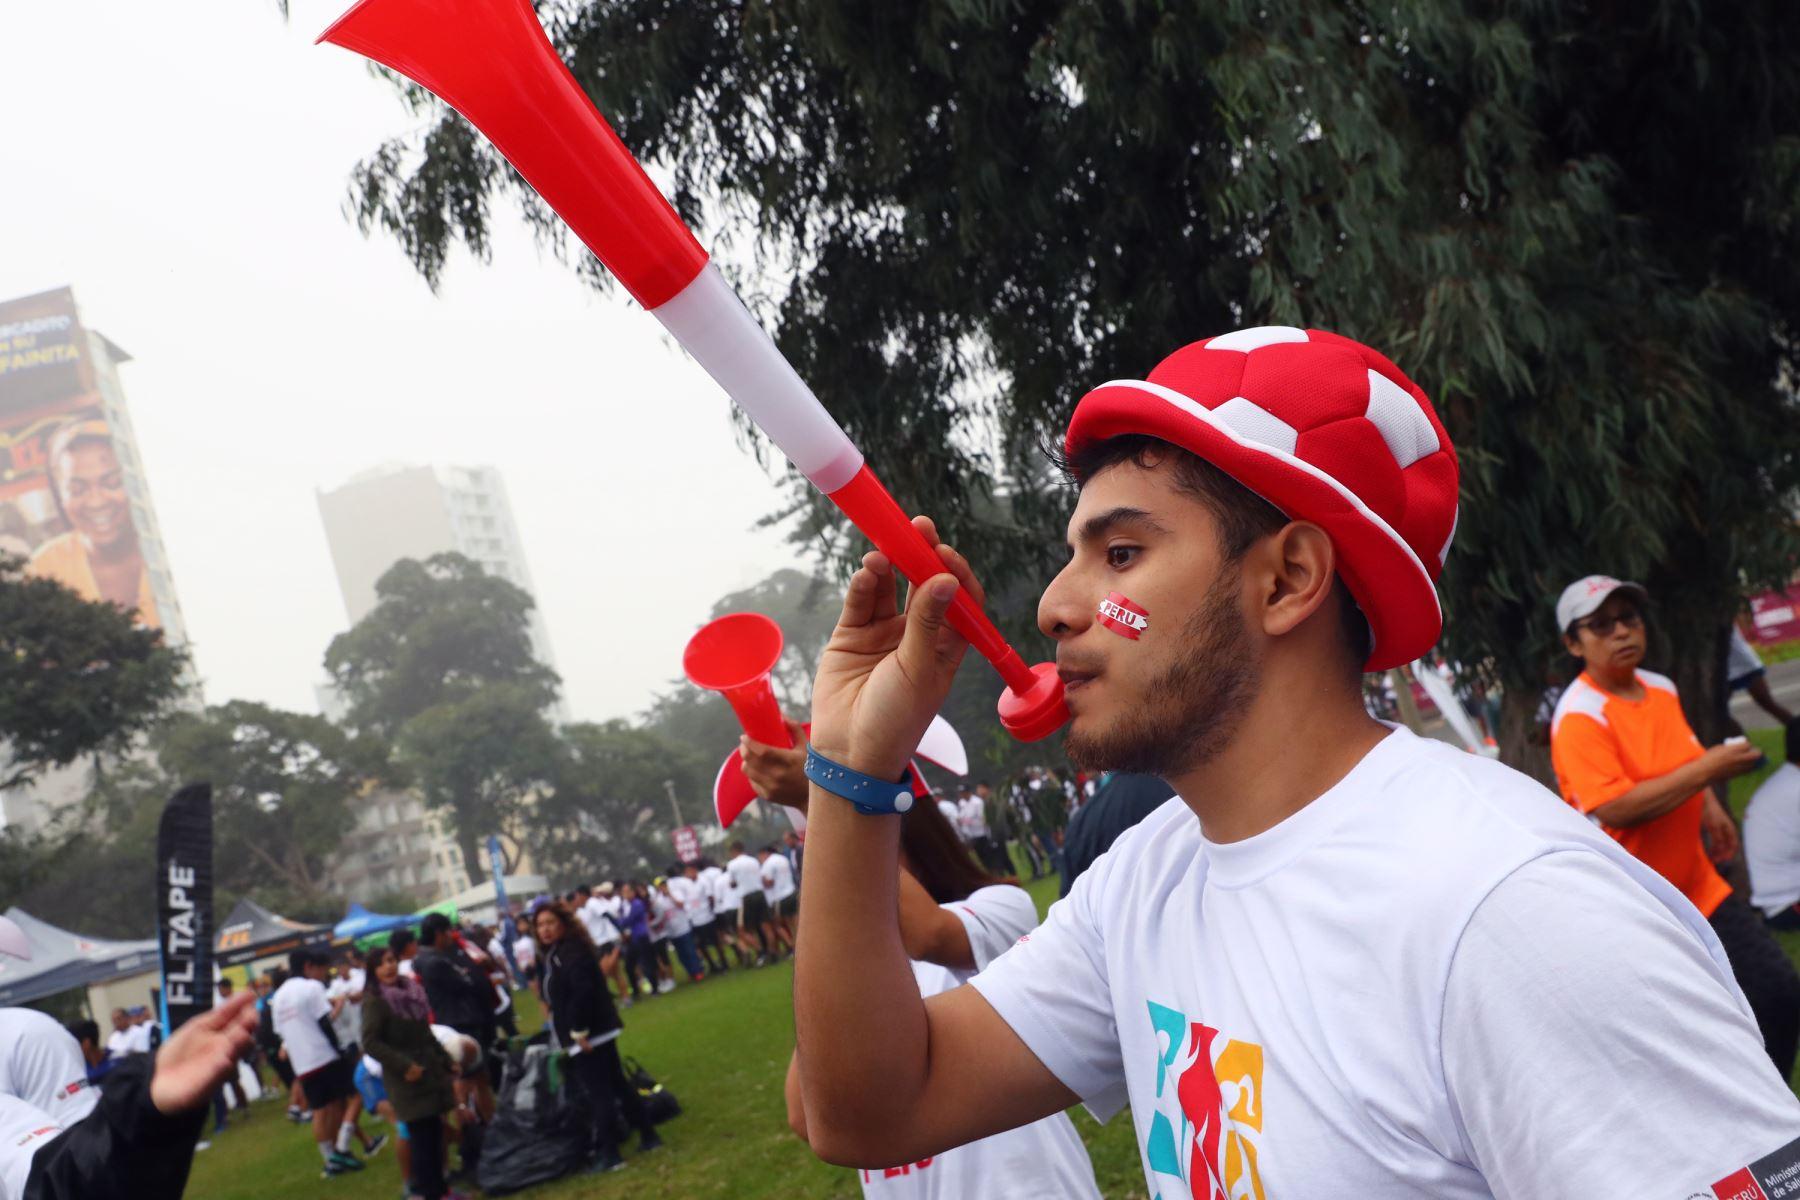 Carrera Deporte Perú 5k del IPD en reconocimiento a los deportistas que participarán en los Juegos Panamericanos y Parapanamericanos Lima 2019. Foto: ANDINA/Norman Córdova